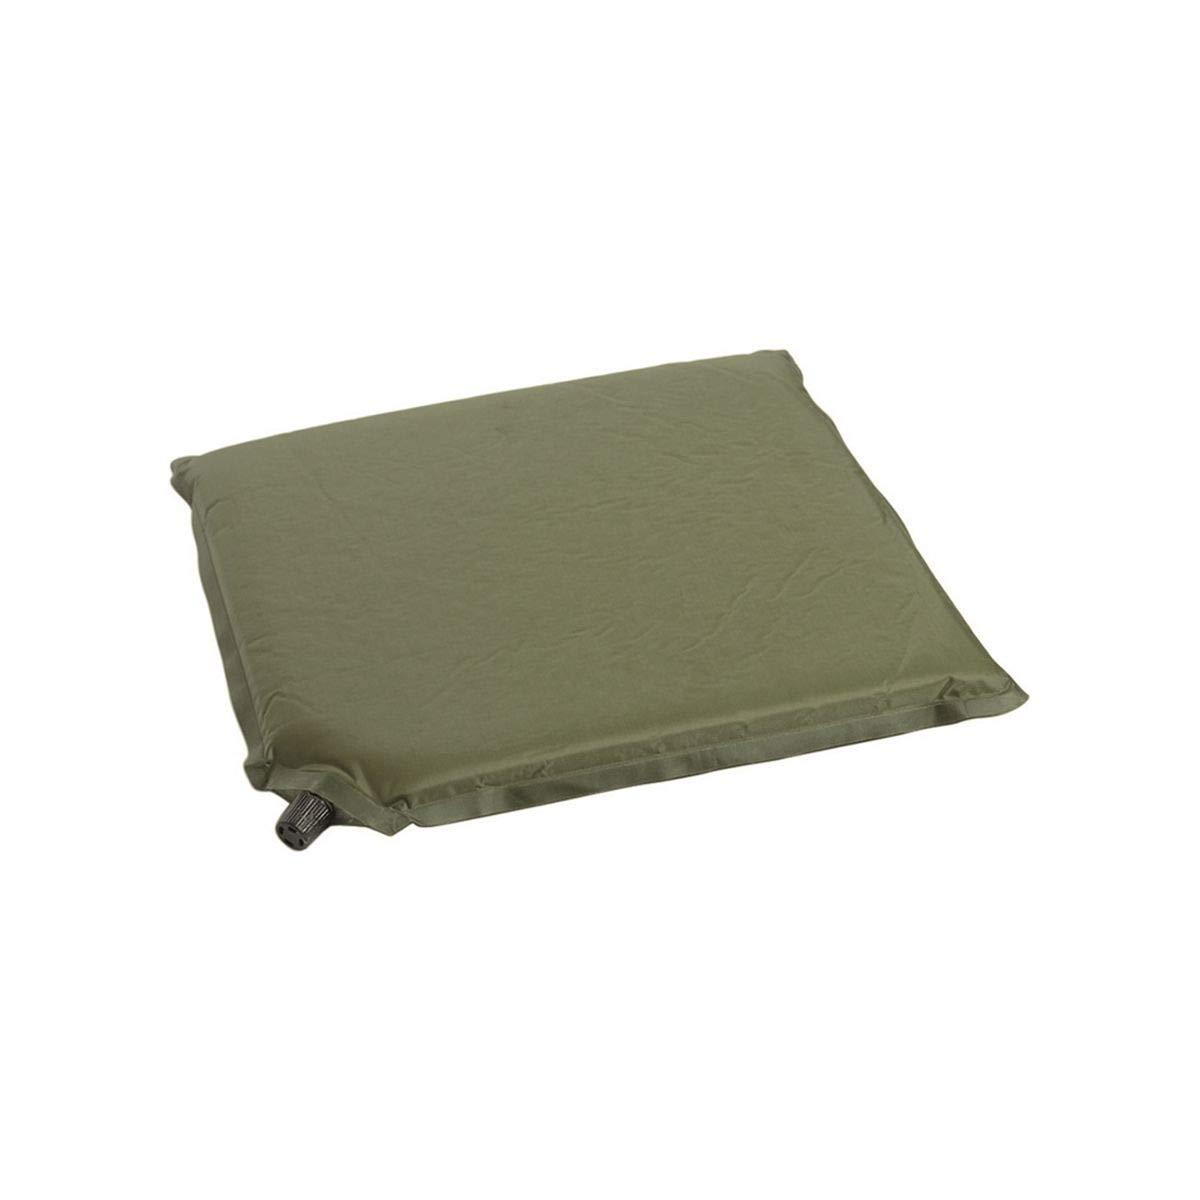 Wandern Schaumstoffmatte zum Sitzen Olivengr/ün selbstaufblasbar f/ür Camping Outdoor 35 x 32 cm